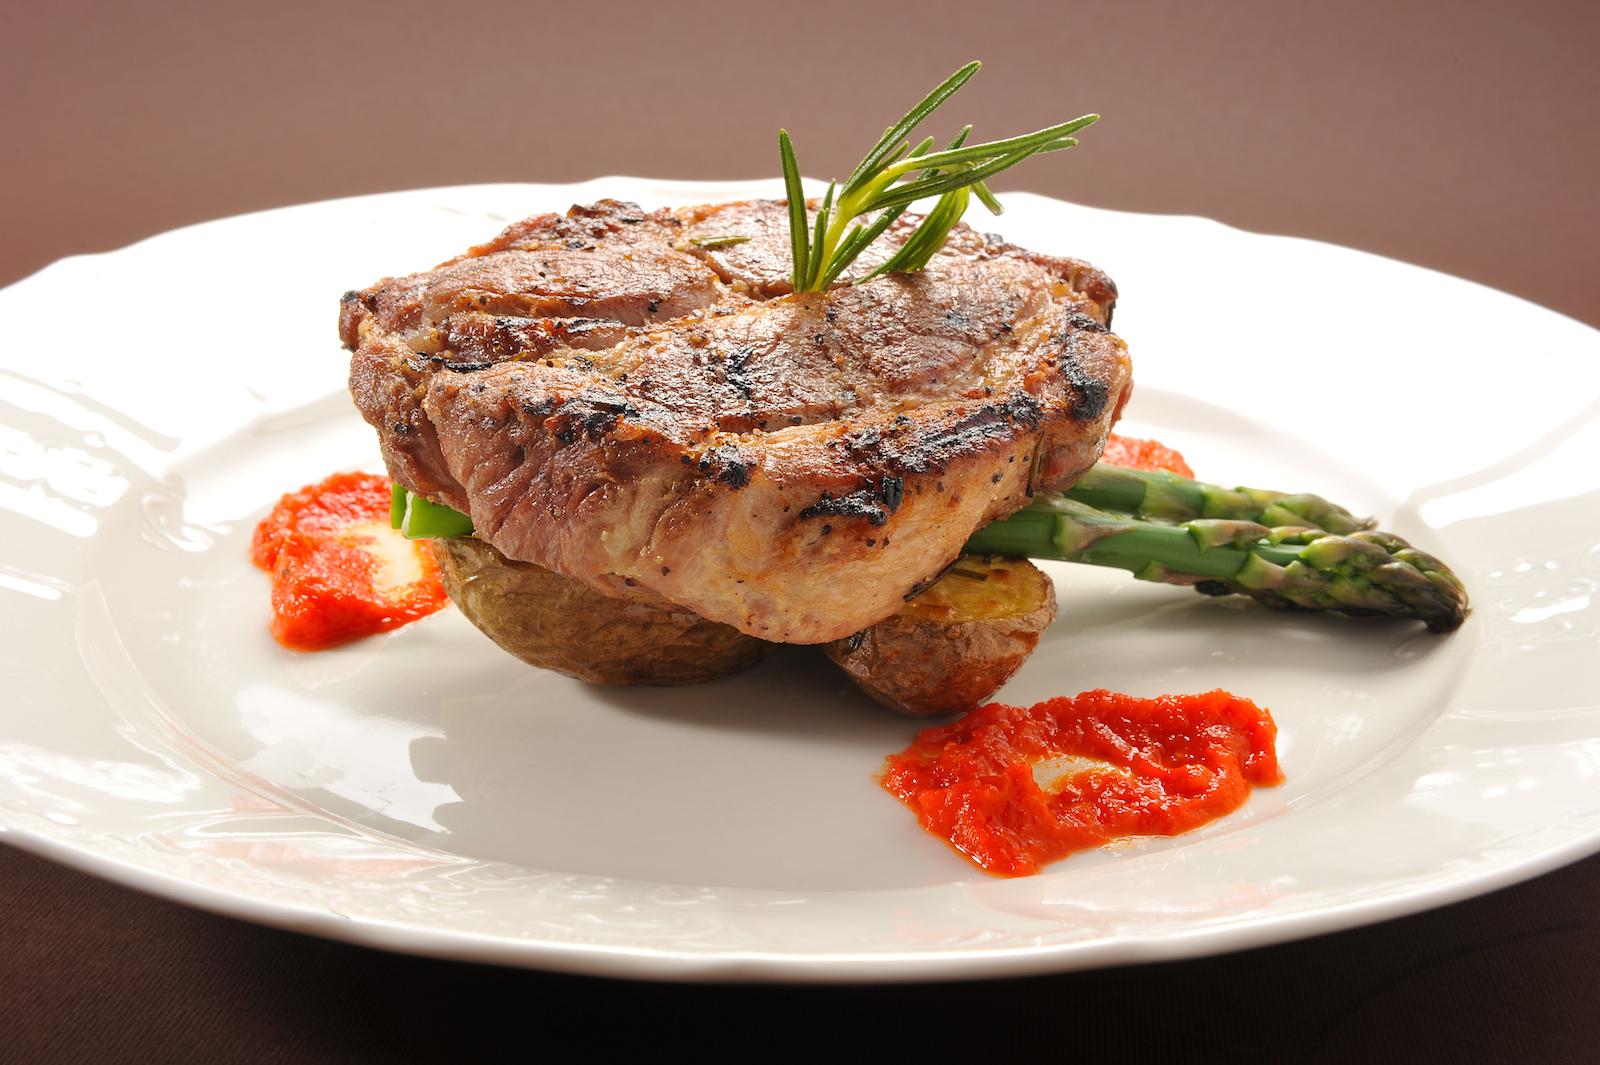 Steak z marinovanÇ krkoviüky provonÿnÇ rozmarÏnem s pikantn° chilli om†ükou, peüenÇ brambory